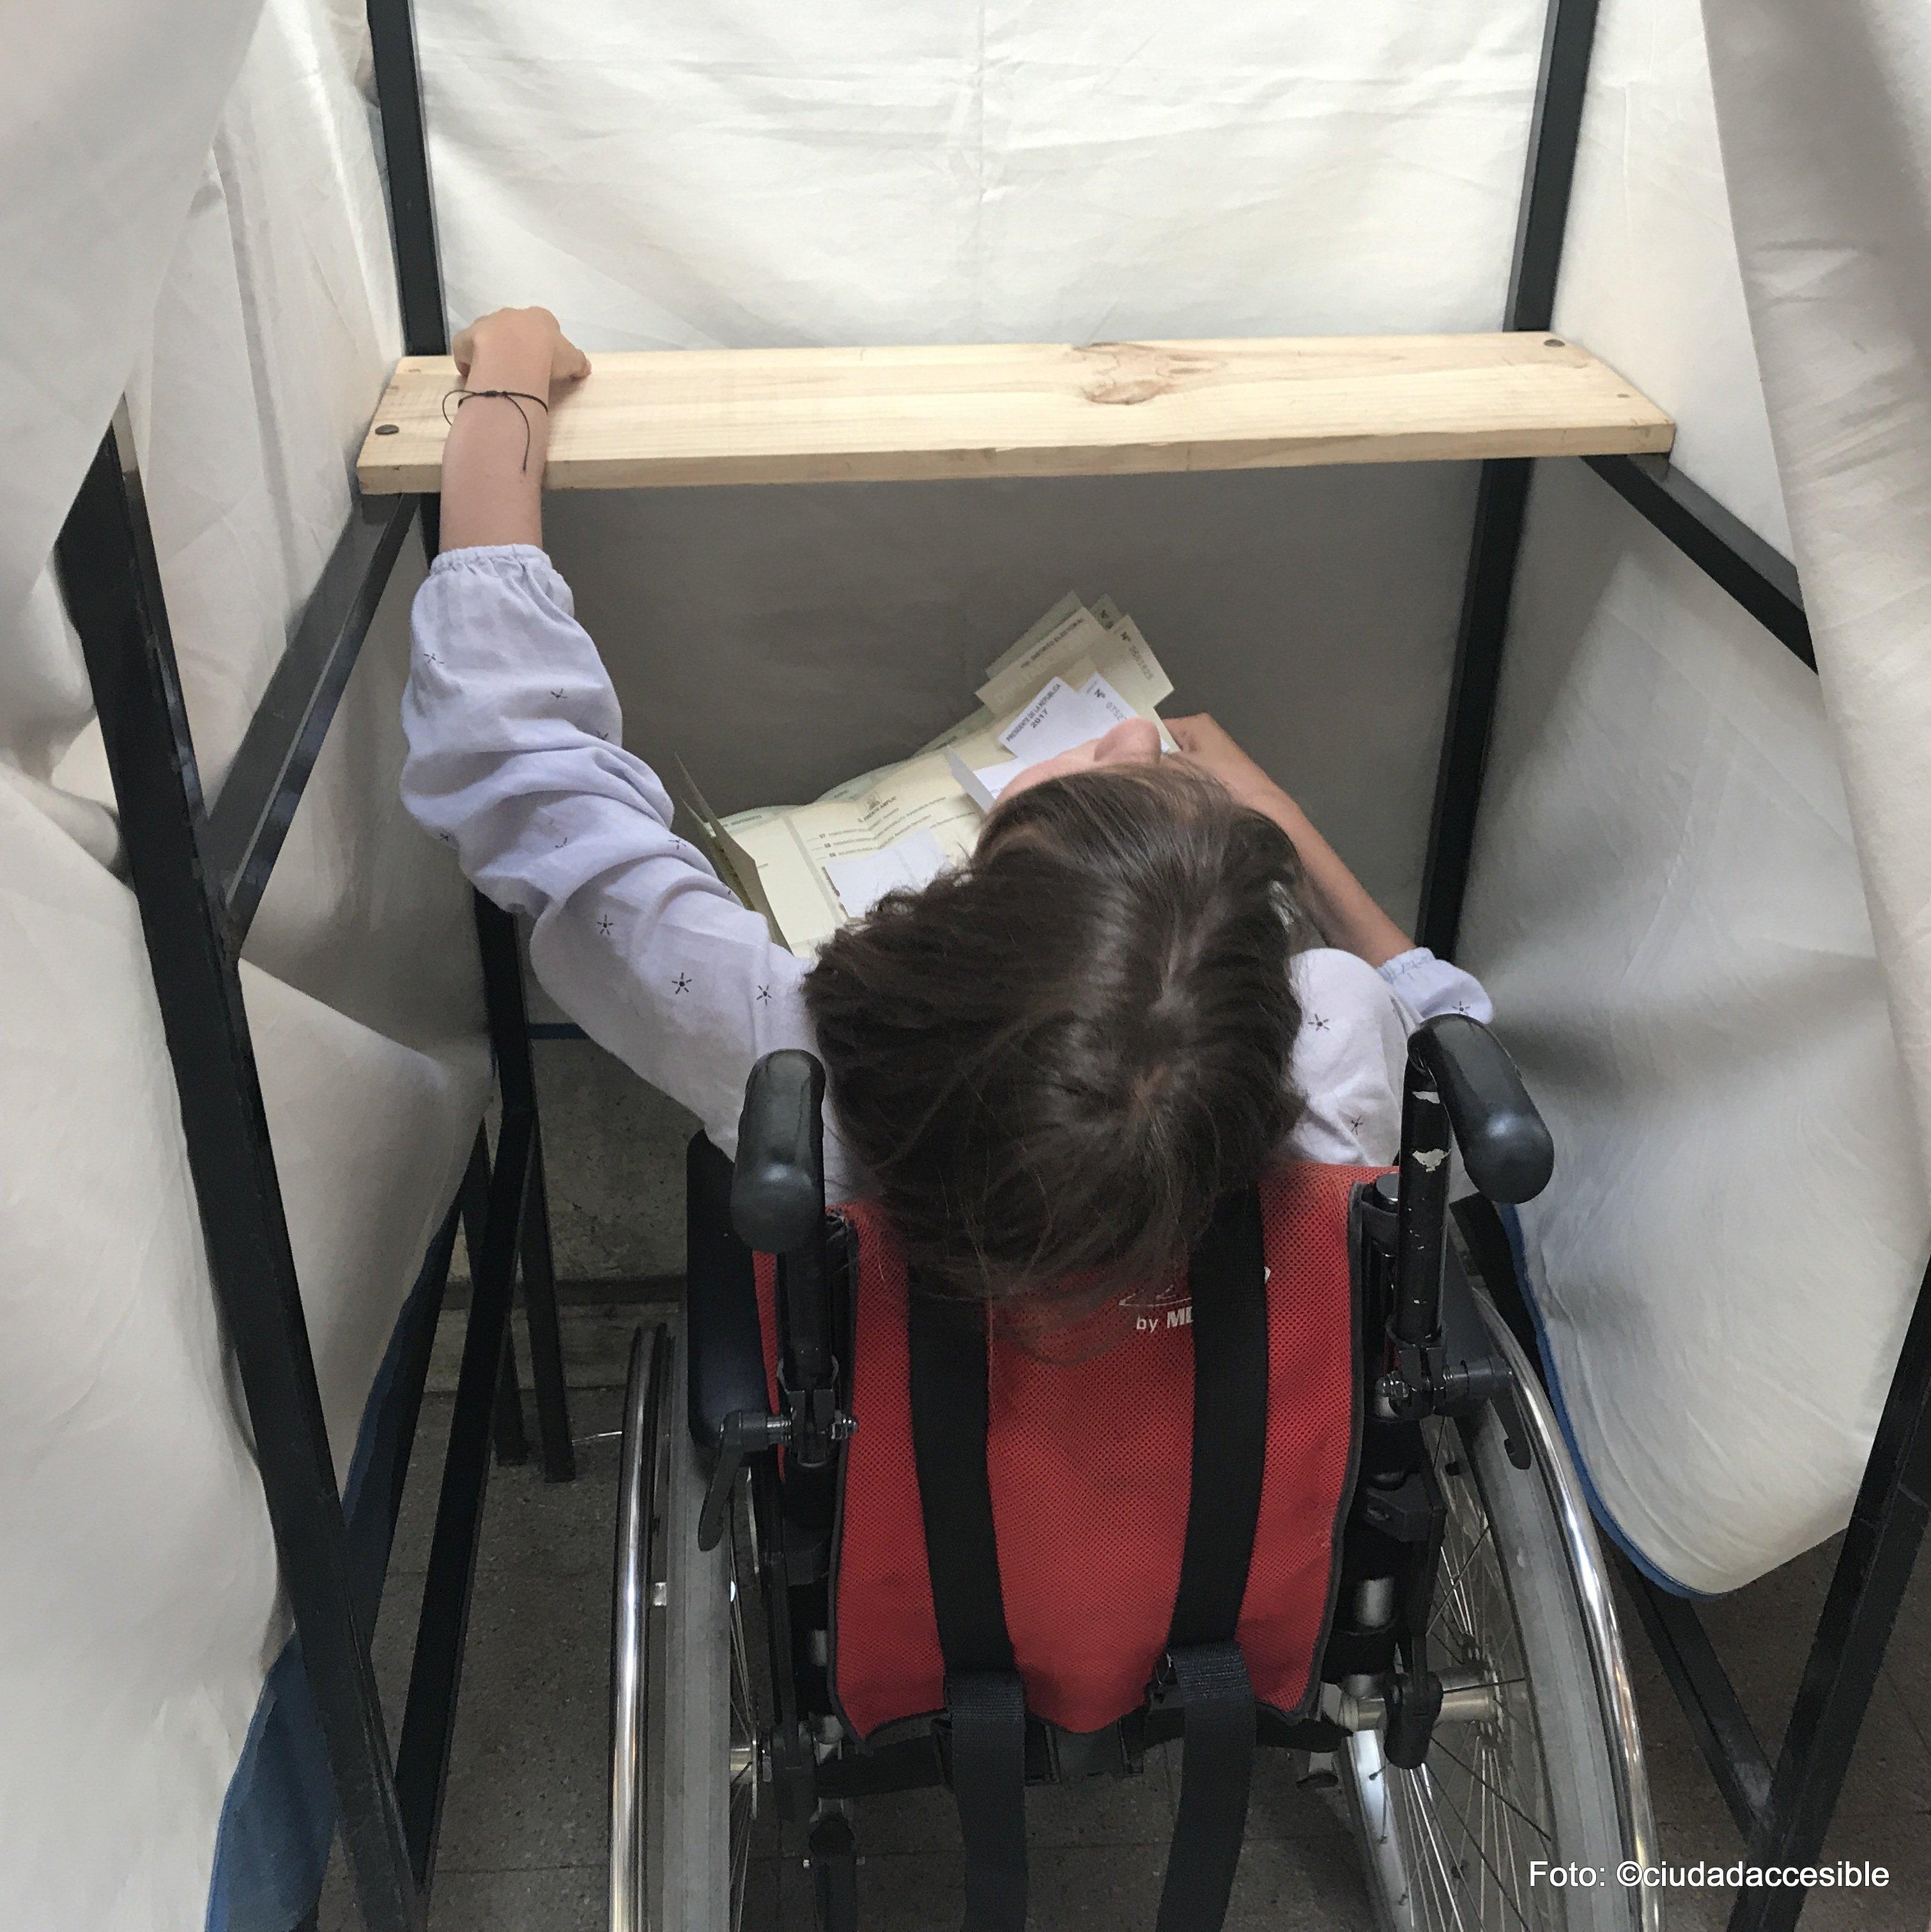 Joven en silla de ruedas en una cámara secreta que no se adapta a su altura